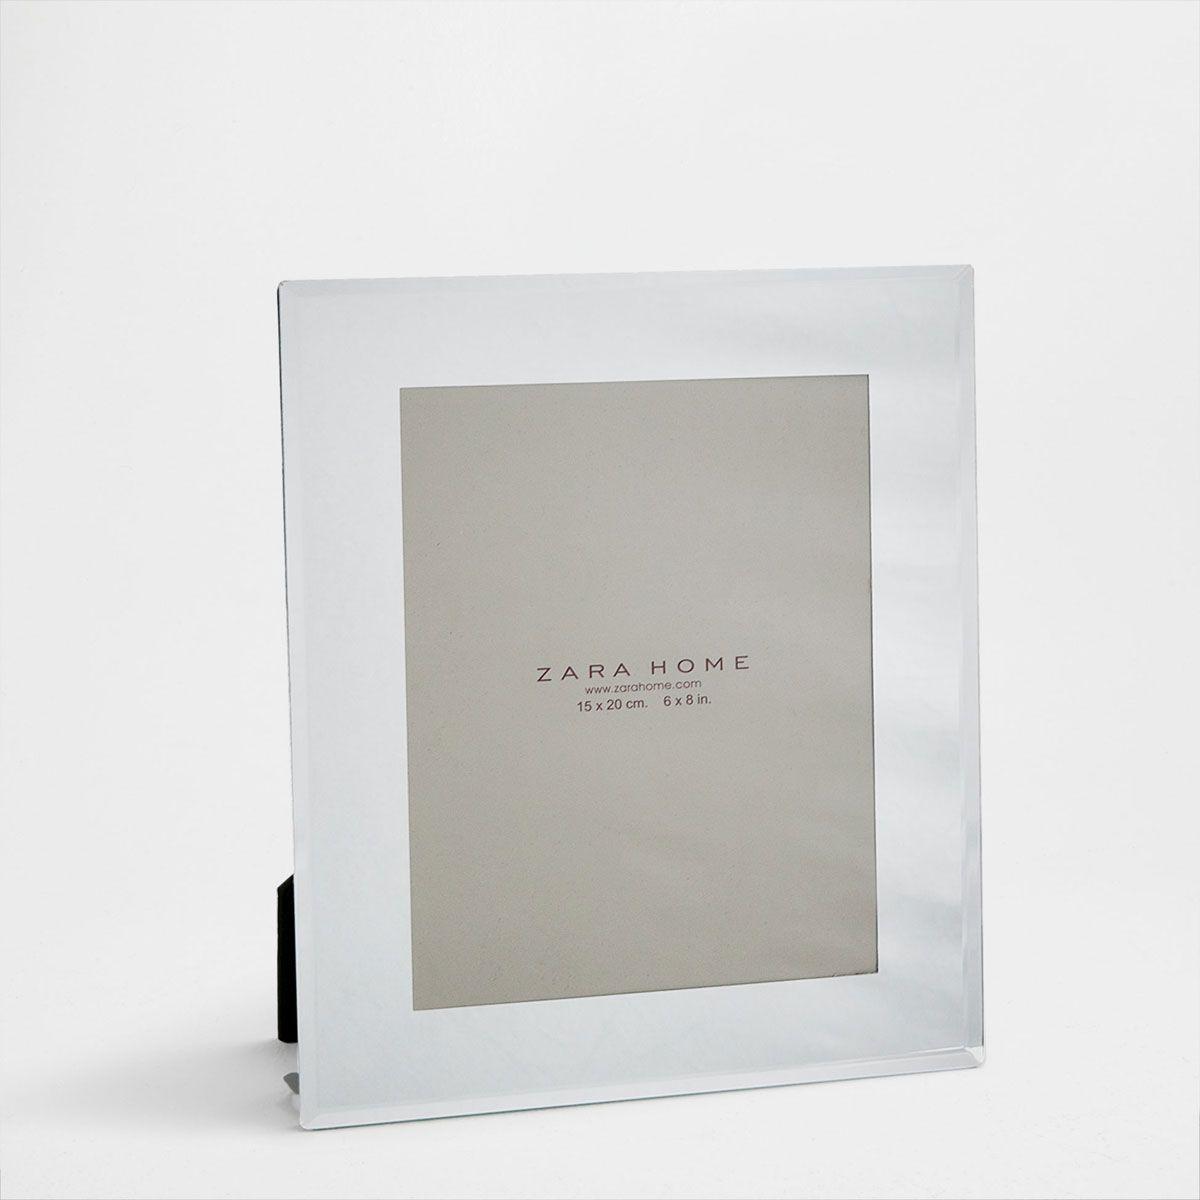 Bilderrahmen mit Spiegel-Effekt. 15x20cm, 12,99€, ZaraHome ...